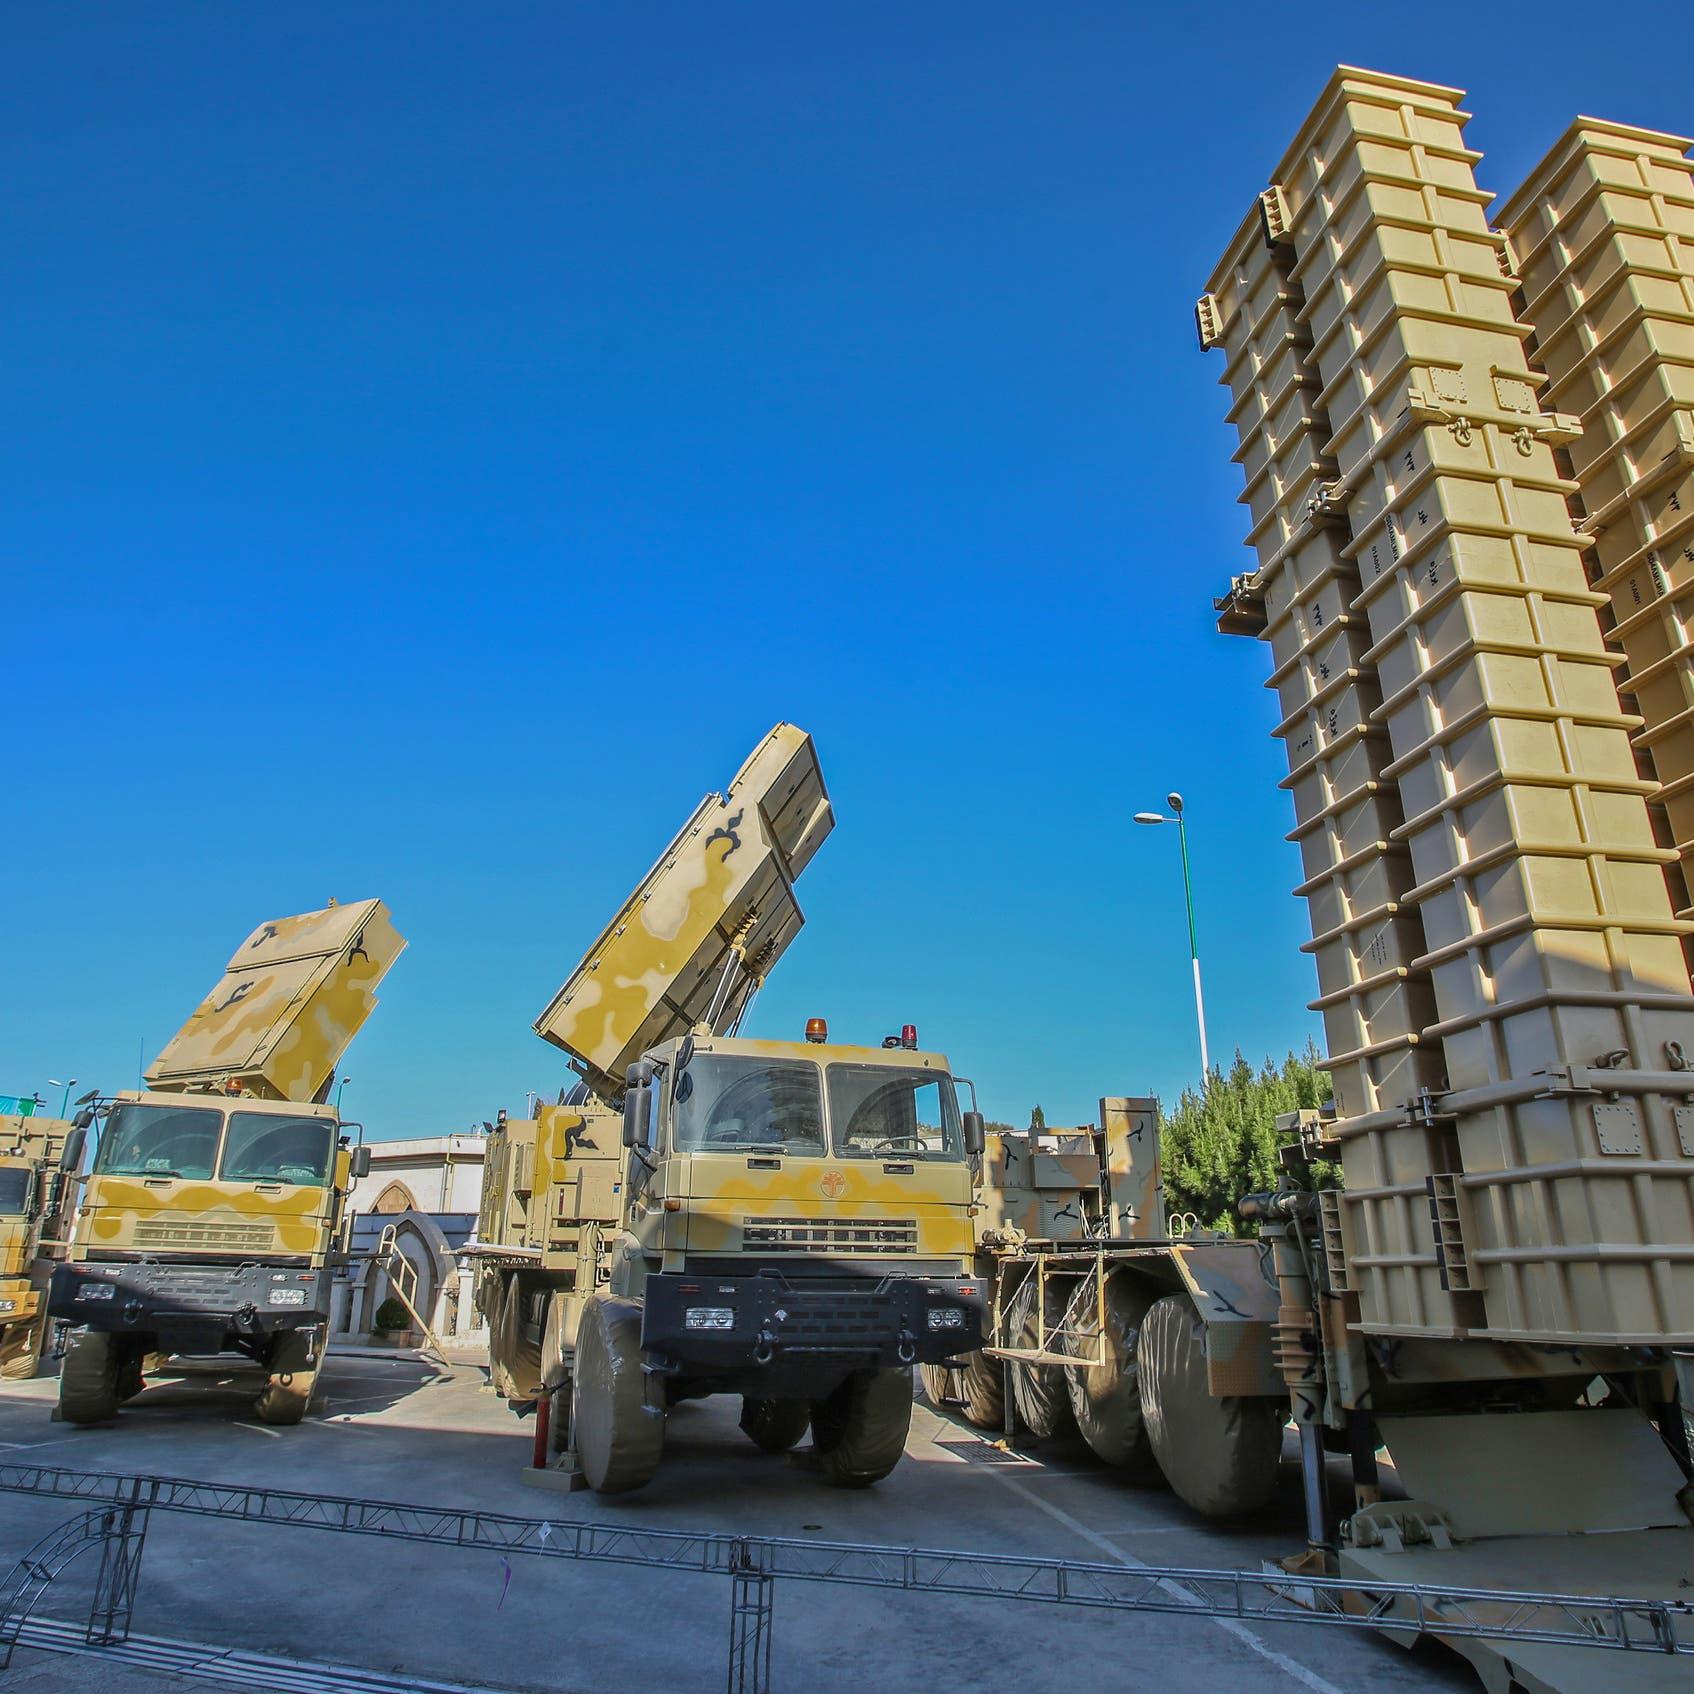 إيران تشغل أنظمة الدفاع الجوي.. وخوف على الطائرات المدنية